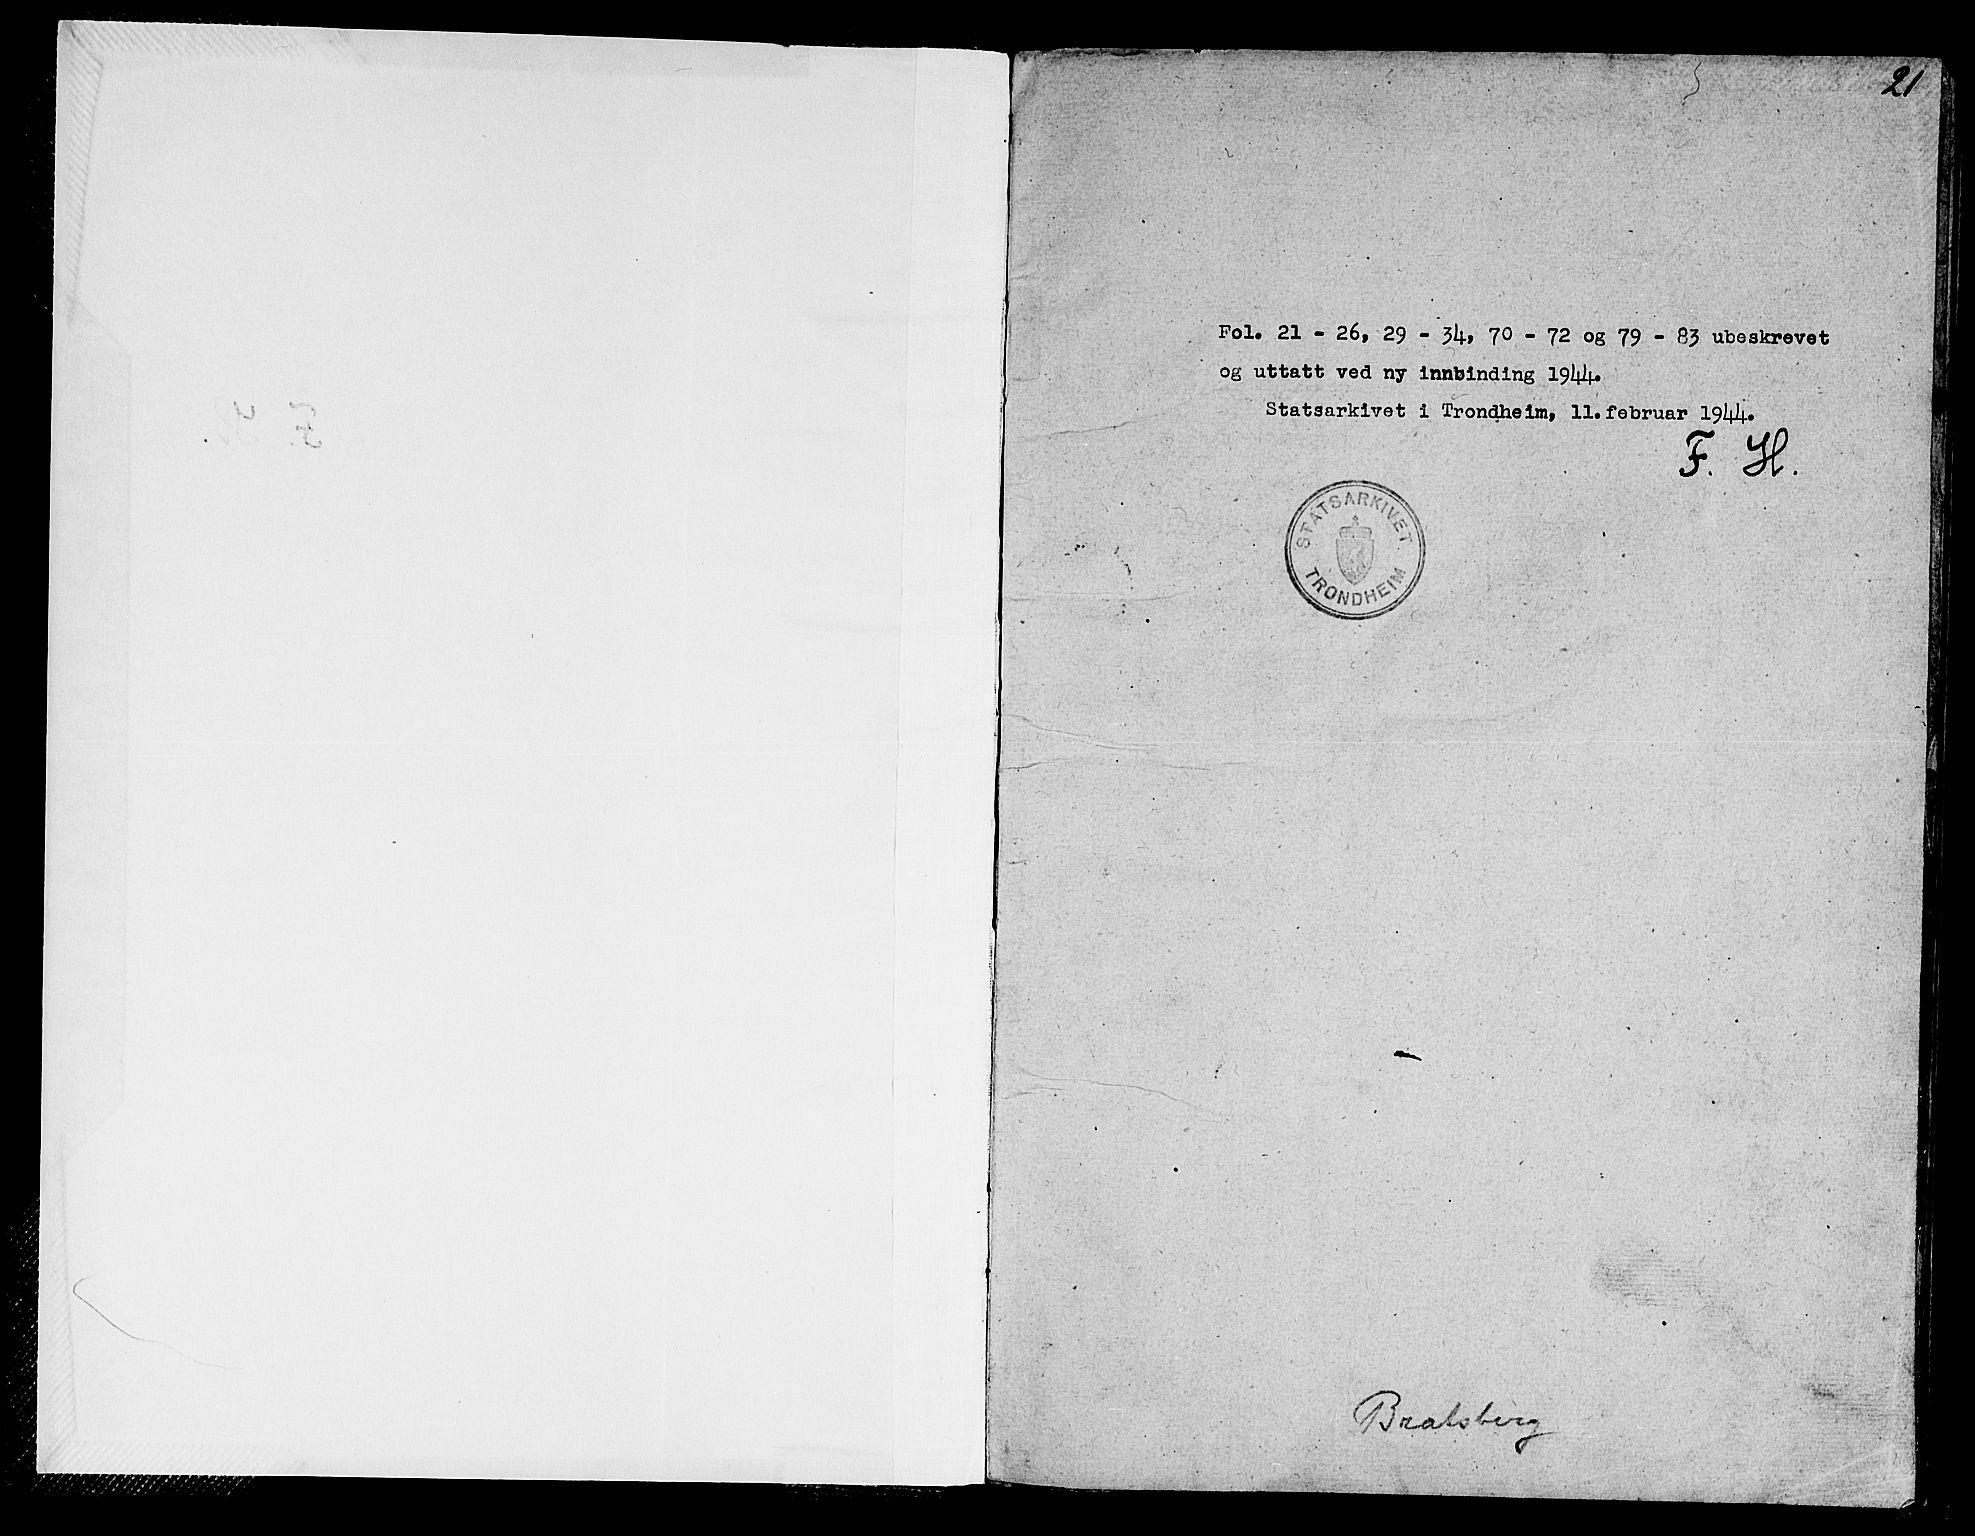 SAT, Ministerialprotokoller, klokkerbøker og fødselsregistre - Sør-Trøndelag, 608/L0338: Klokkerbok nr. 608C04, 1831-1843, s. 21